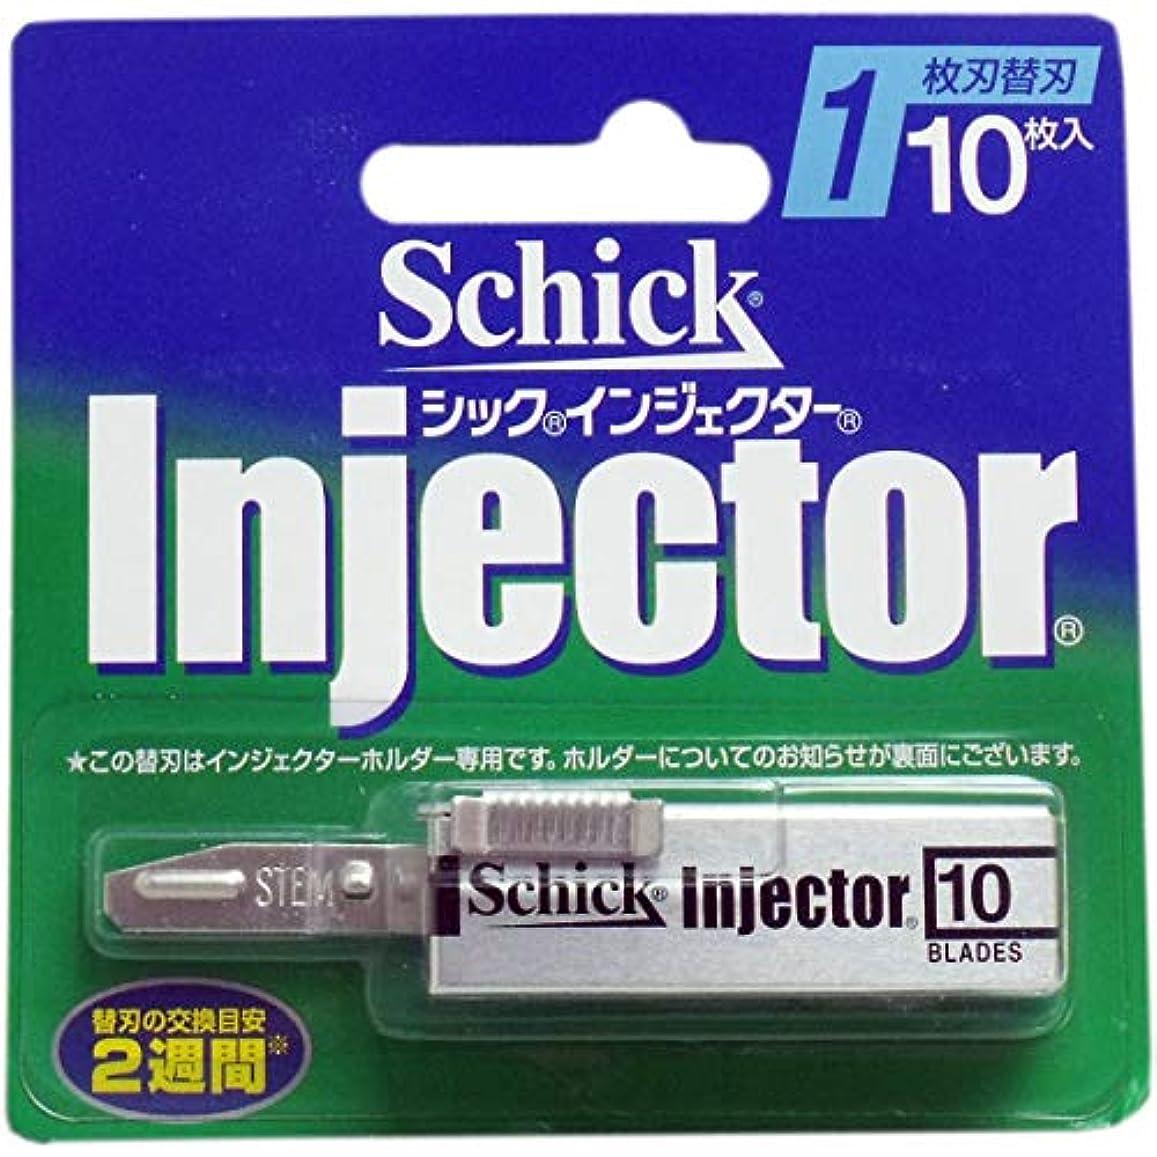 瞬時に刈る樫の木シック インジェクター 1枚刃 替刃 10枚入×10個セット